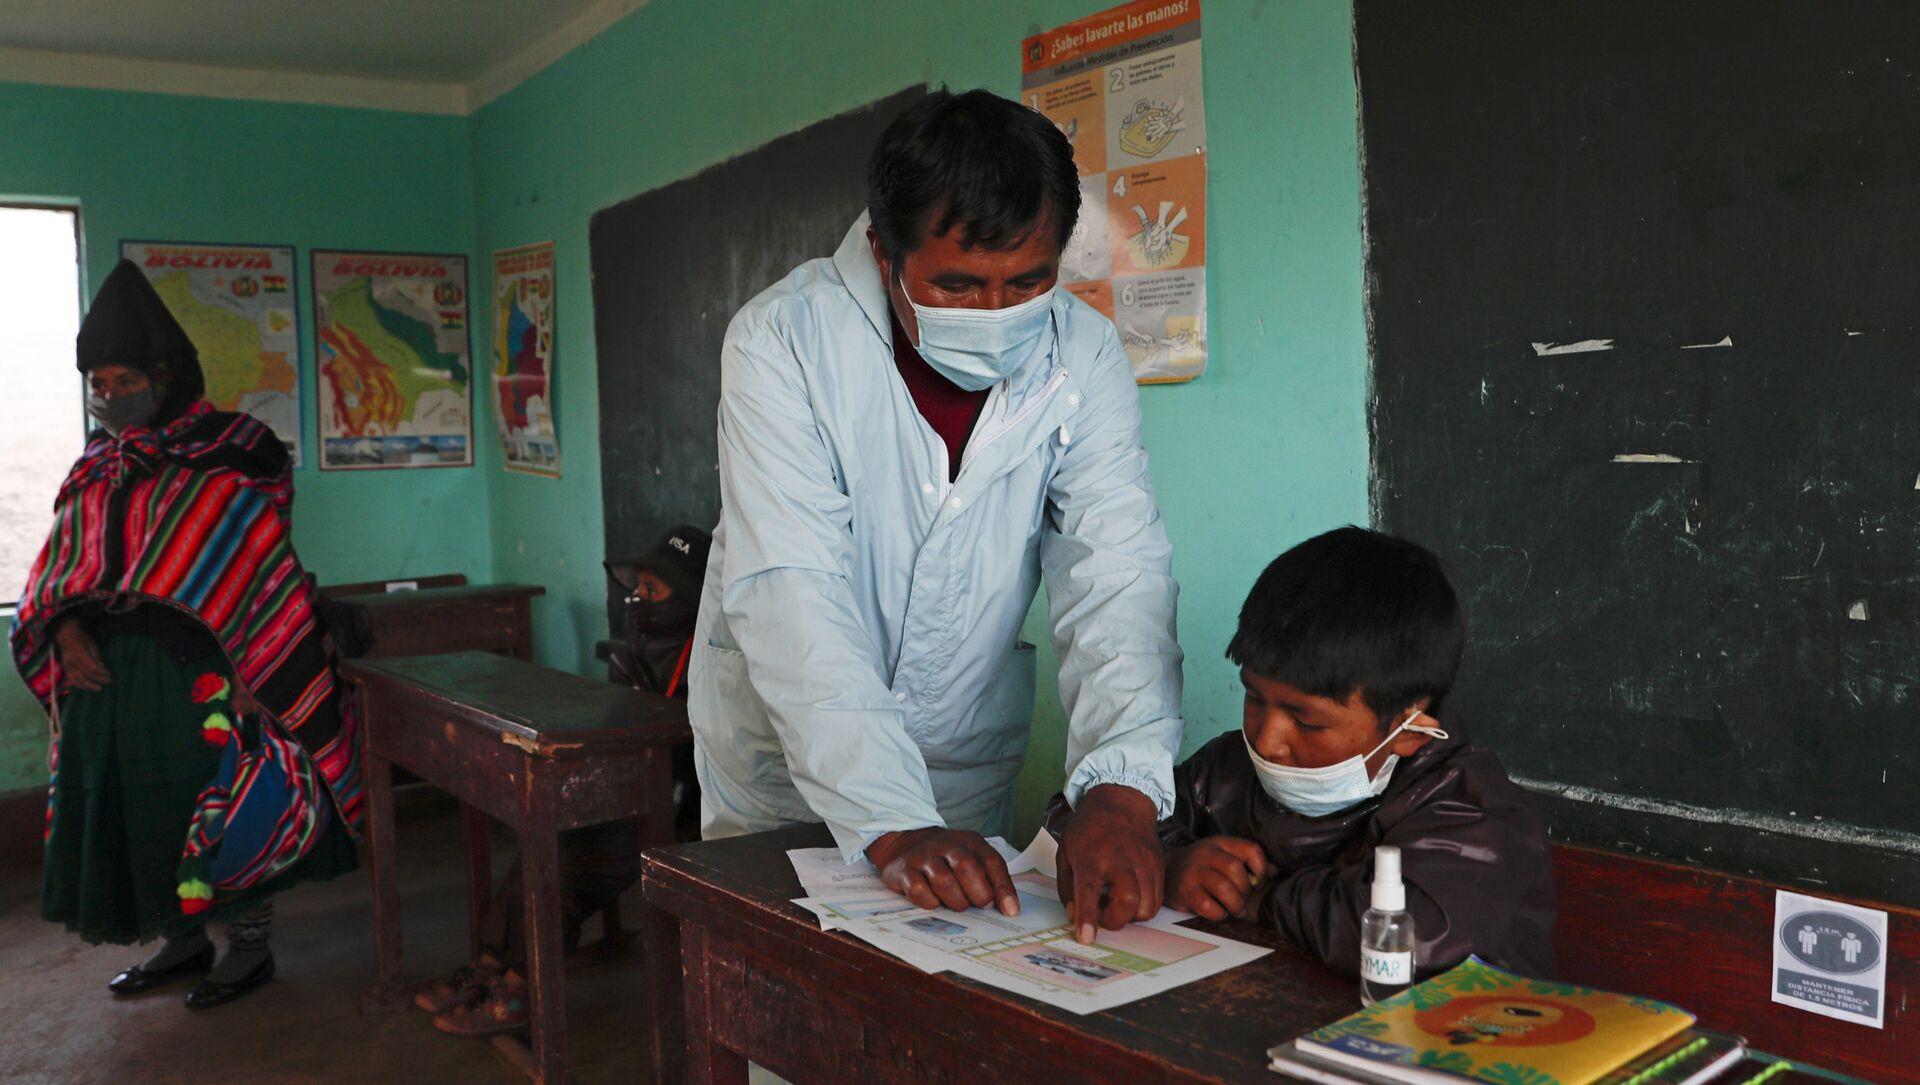 Un niño de una comunidad Aymara en Bolivia retoma las clases en 2021 - Sputnik Mundo, 1920, 05.02.2021